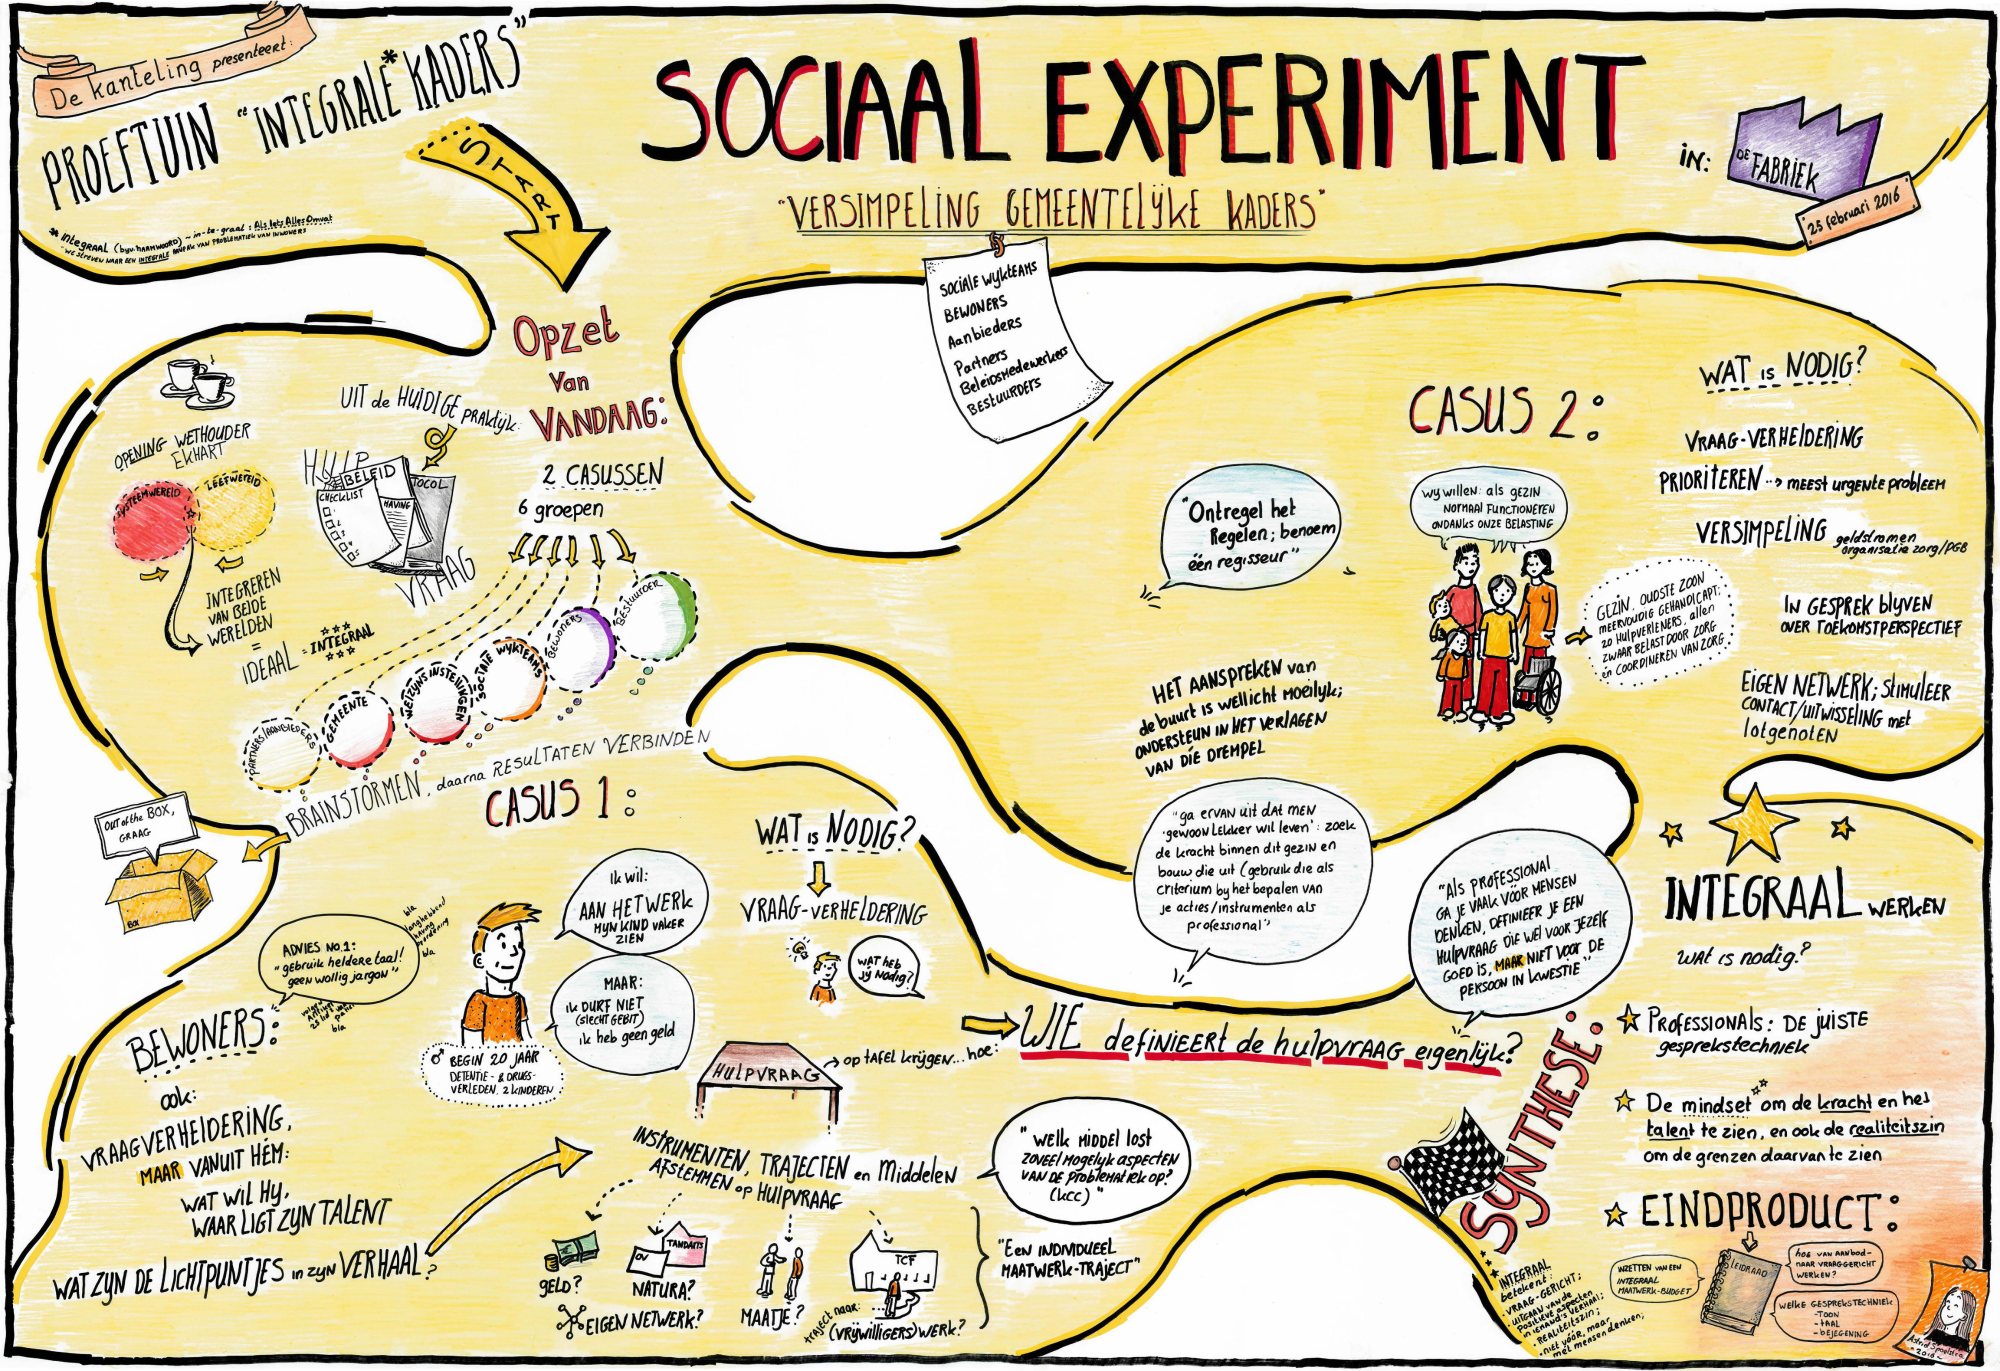 SOCIAAL EXPERIMENT